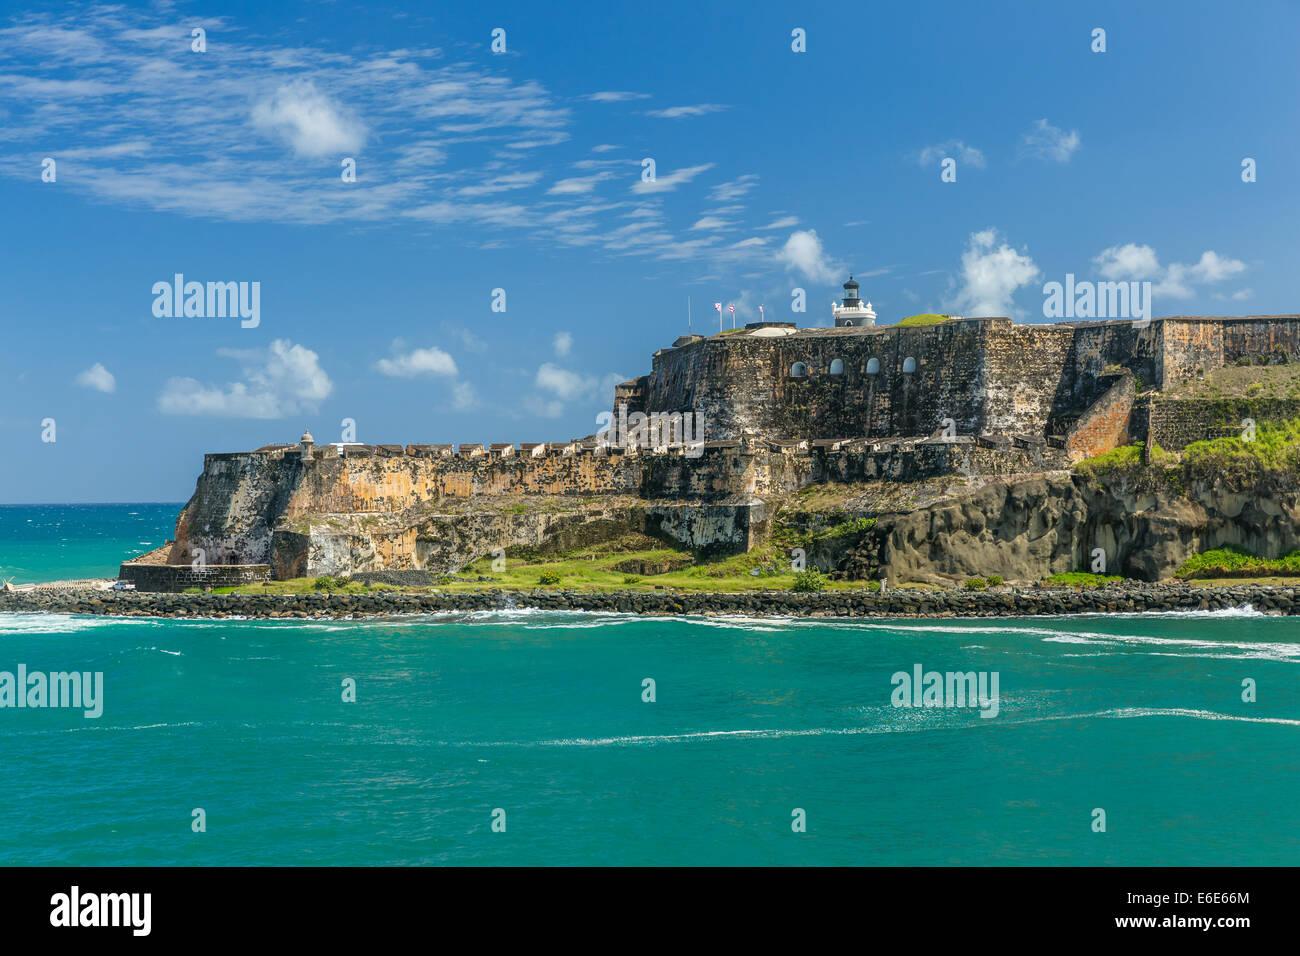 El fuerte San Felipe del Moro, San Juan de Puerto Rico Imagen De Stock